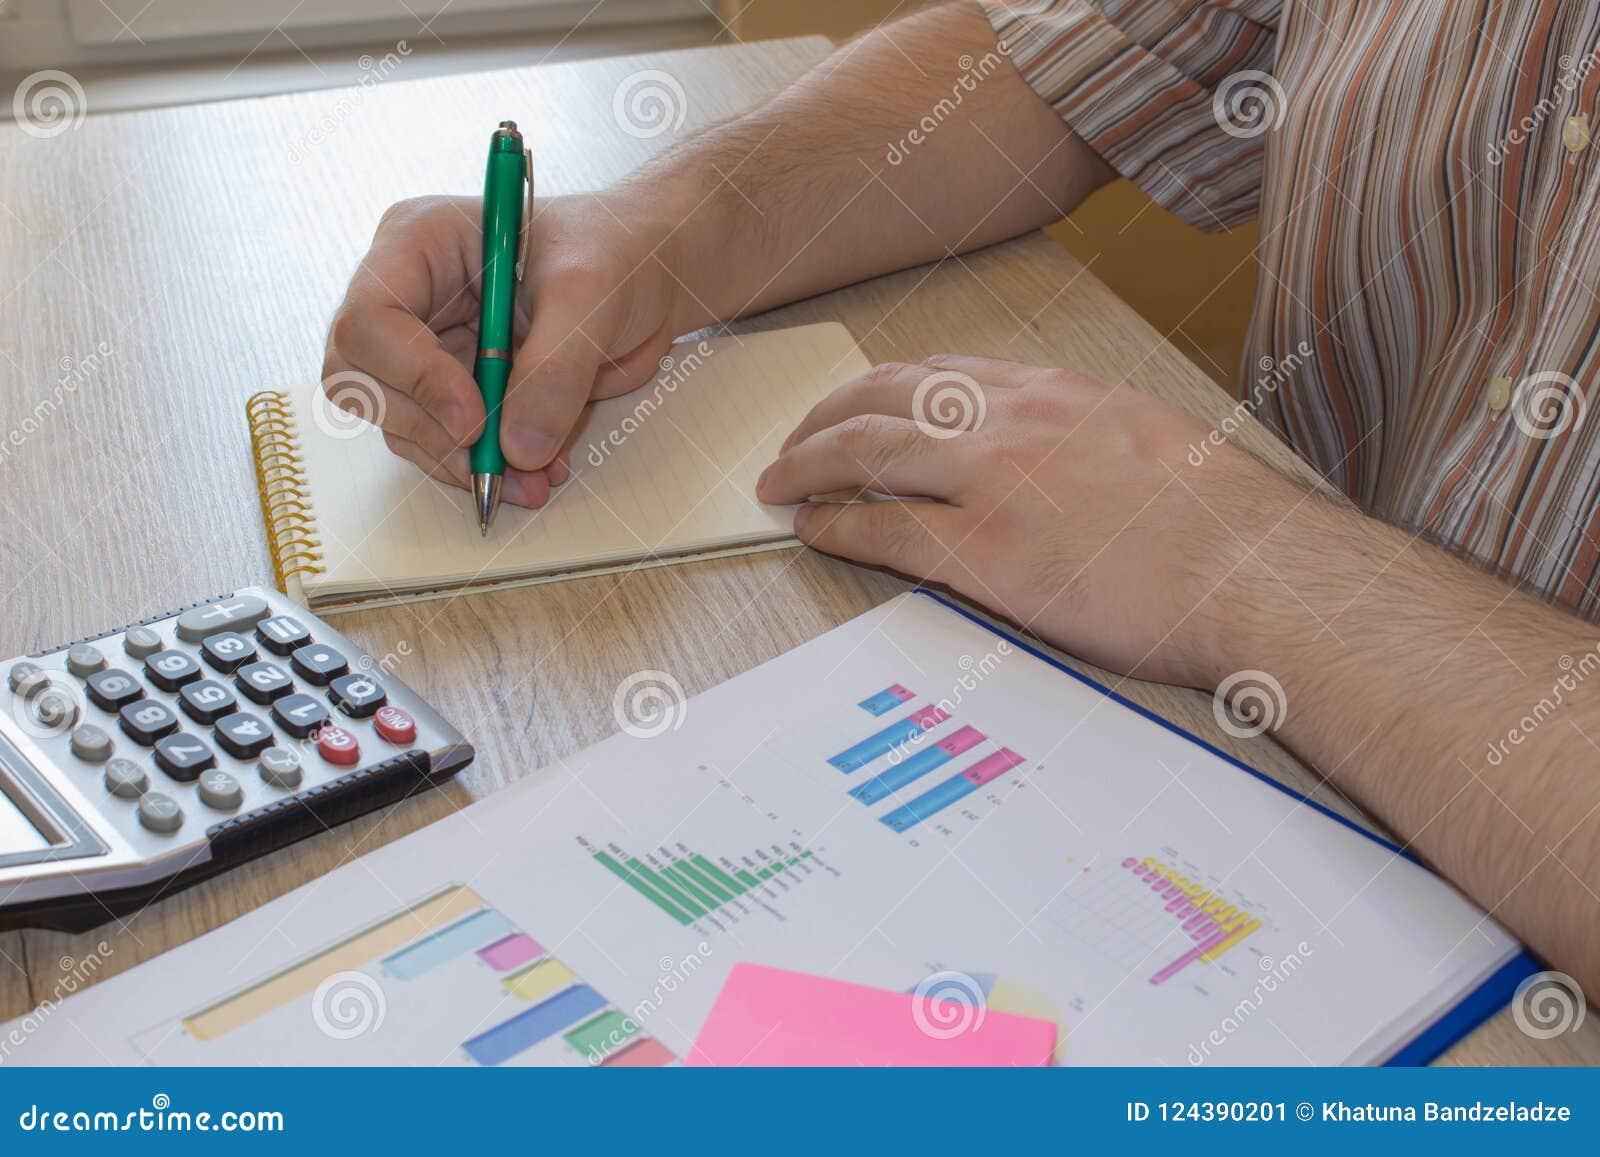 paperwriting com